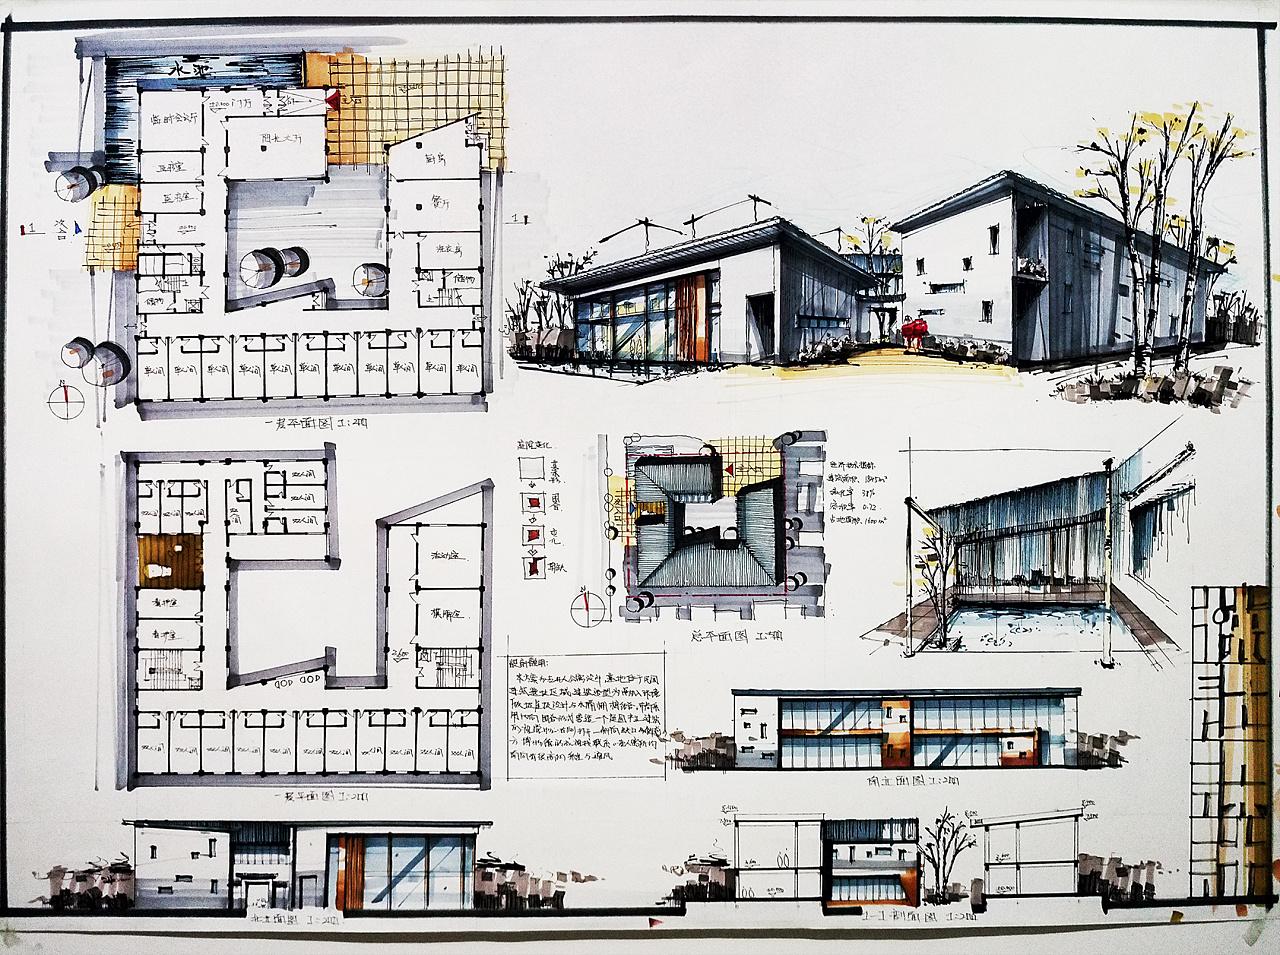 快题表达技巧——色调 排版|空间|建筑设计|建学明